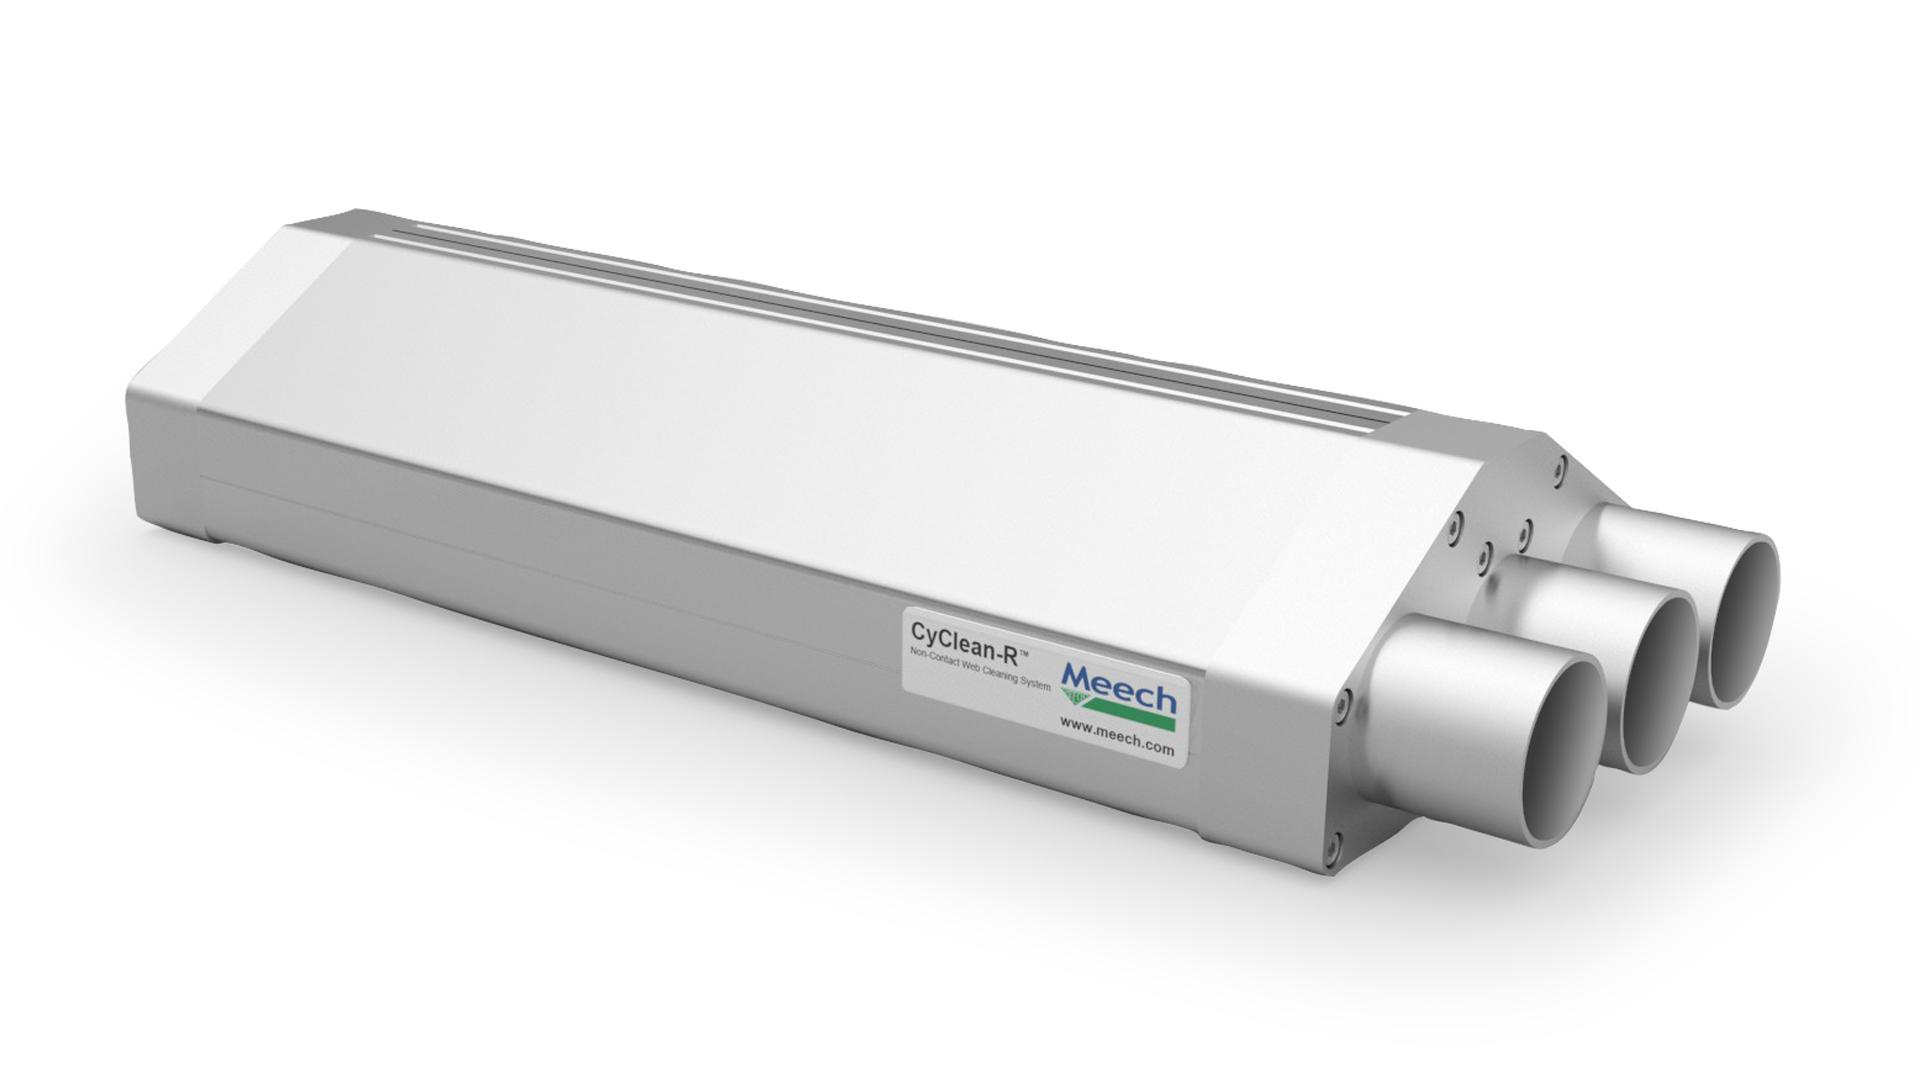 CyClean-R™ kontaktlose Bahnreinigung für schmale Bahnen